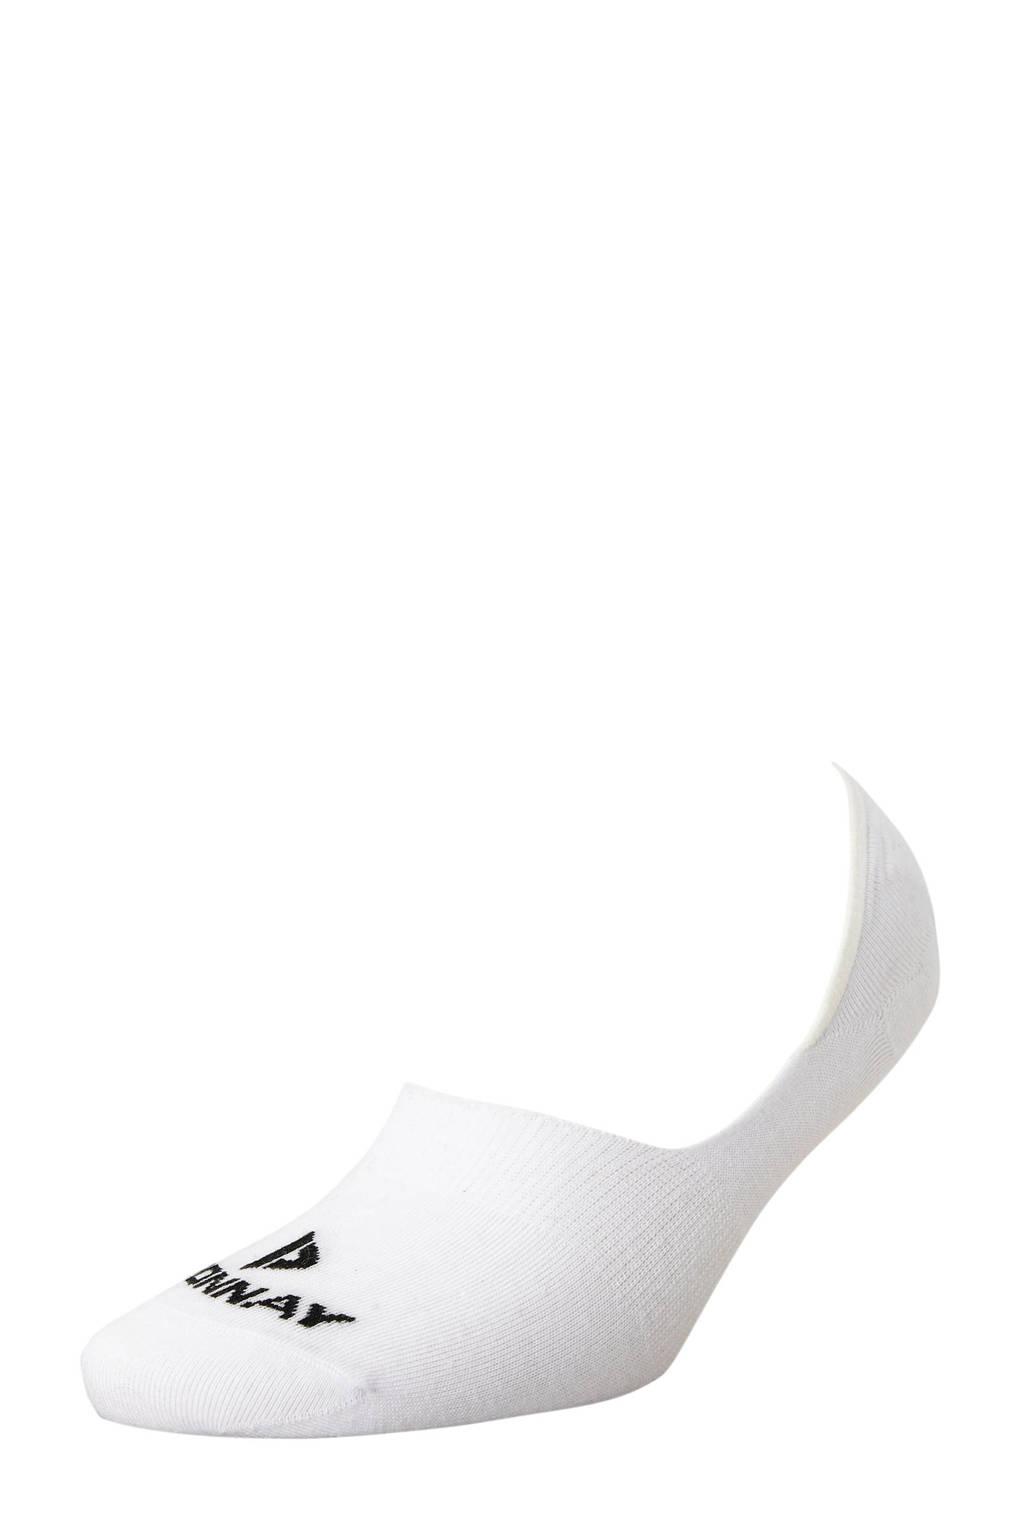 Donnay   sportsokken no show (set van 6 paar) wit, Wit